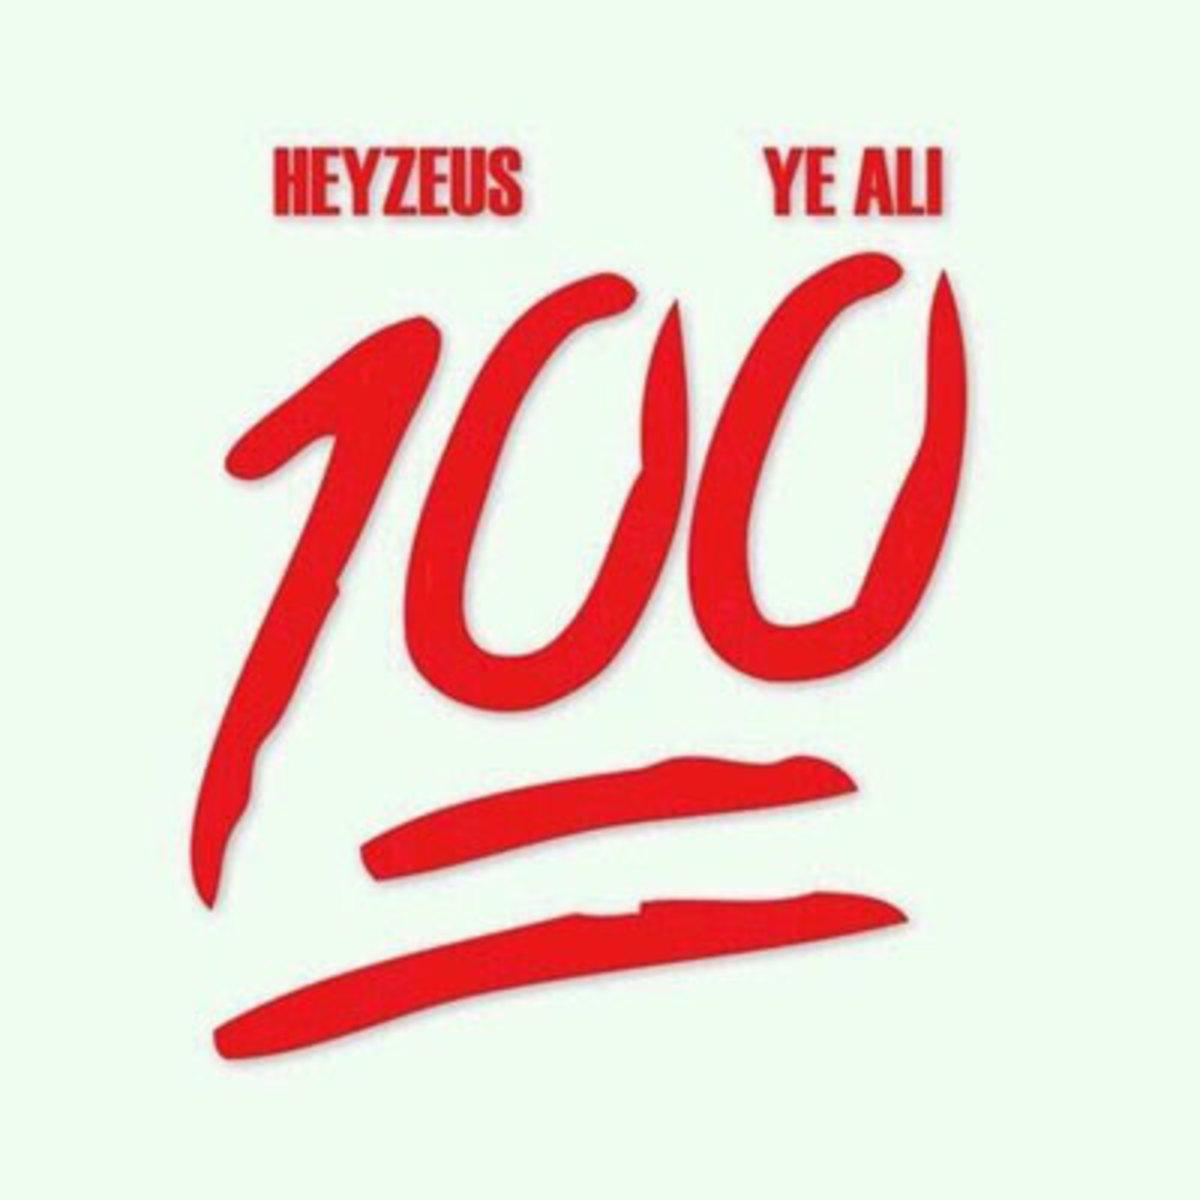 yeali-100.jpg